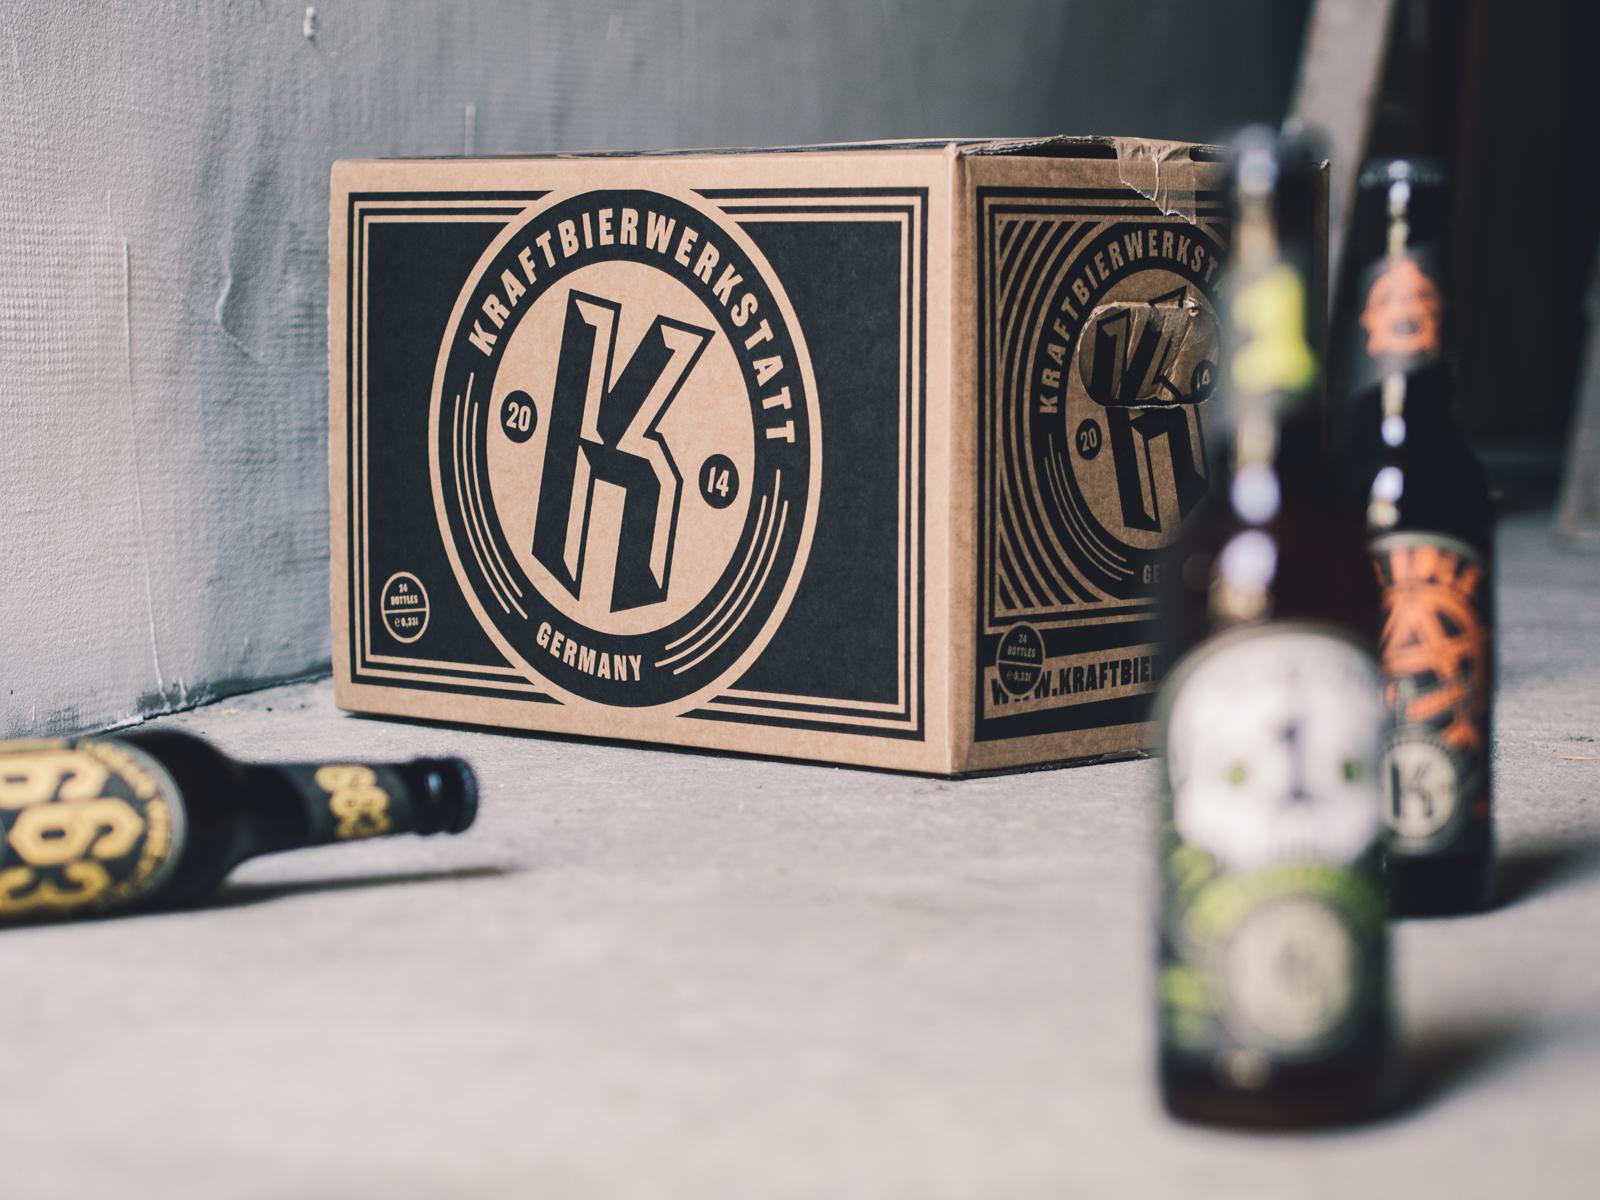 Man sieht eine Papp-Bierkiste der Craftbier-Brauerei